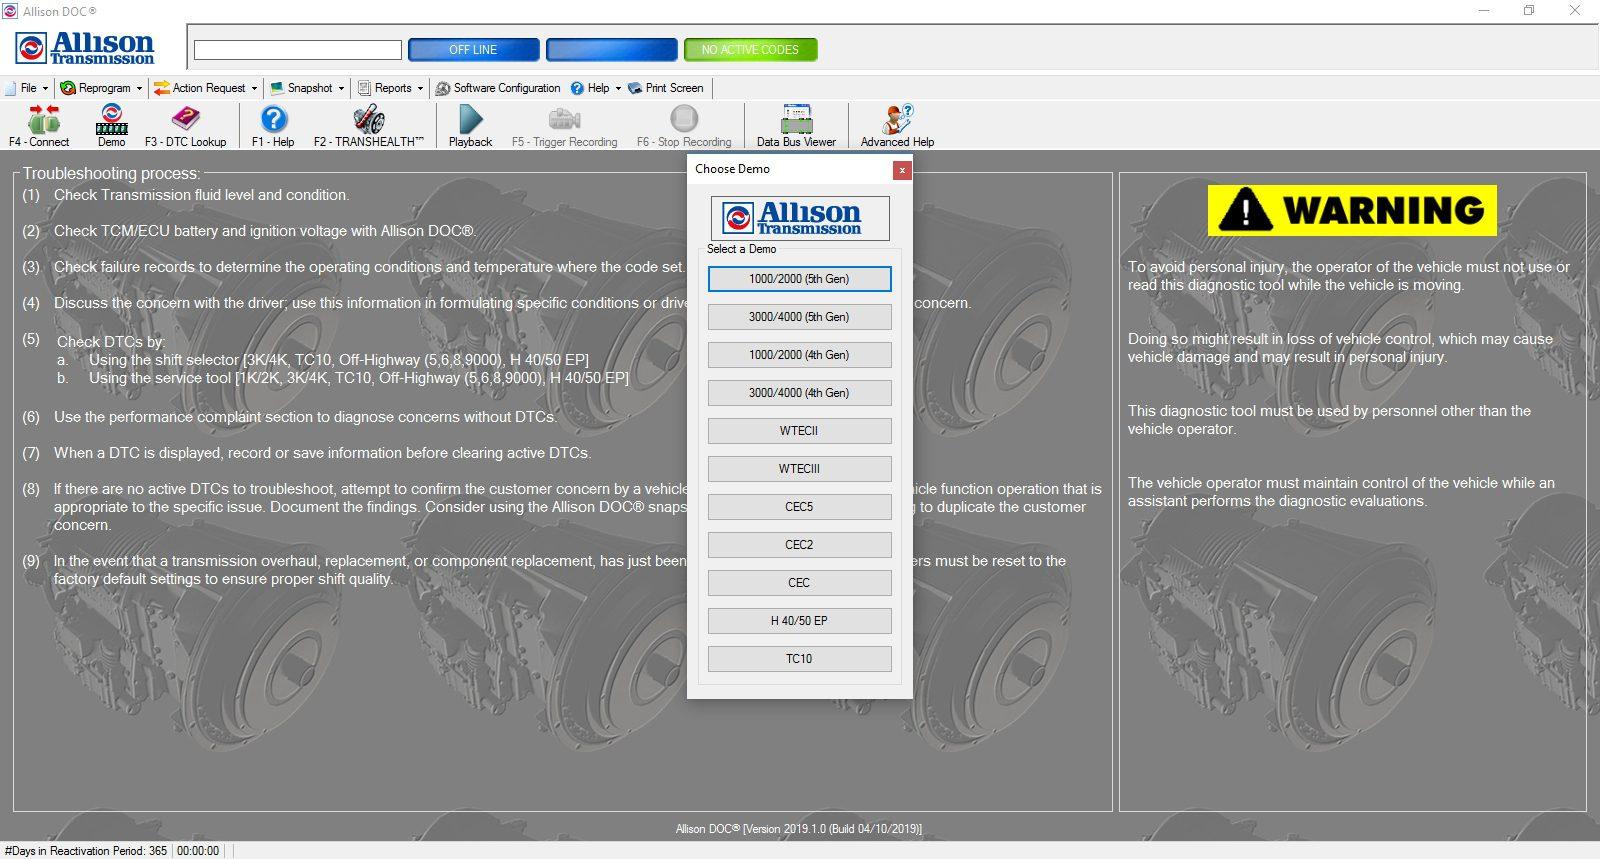 Universal_Allison_DOC_v201910_Build_042019_Transmission_Diagnostic_Software_Full_Instruction_3